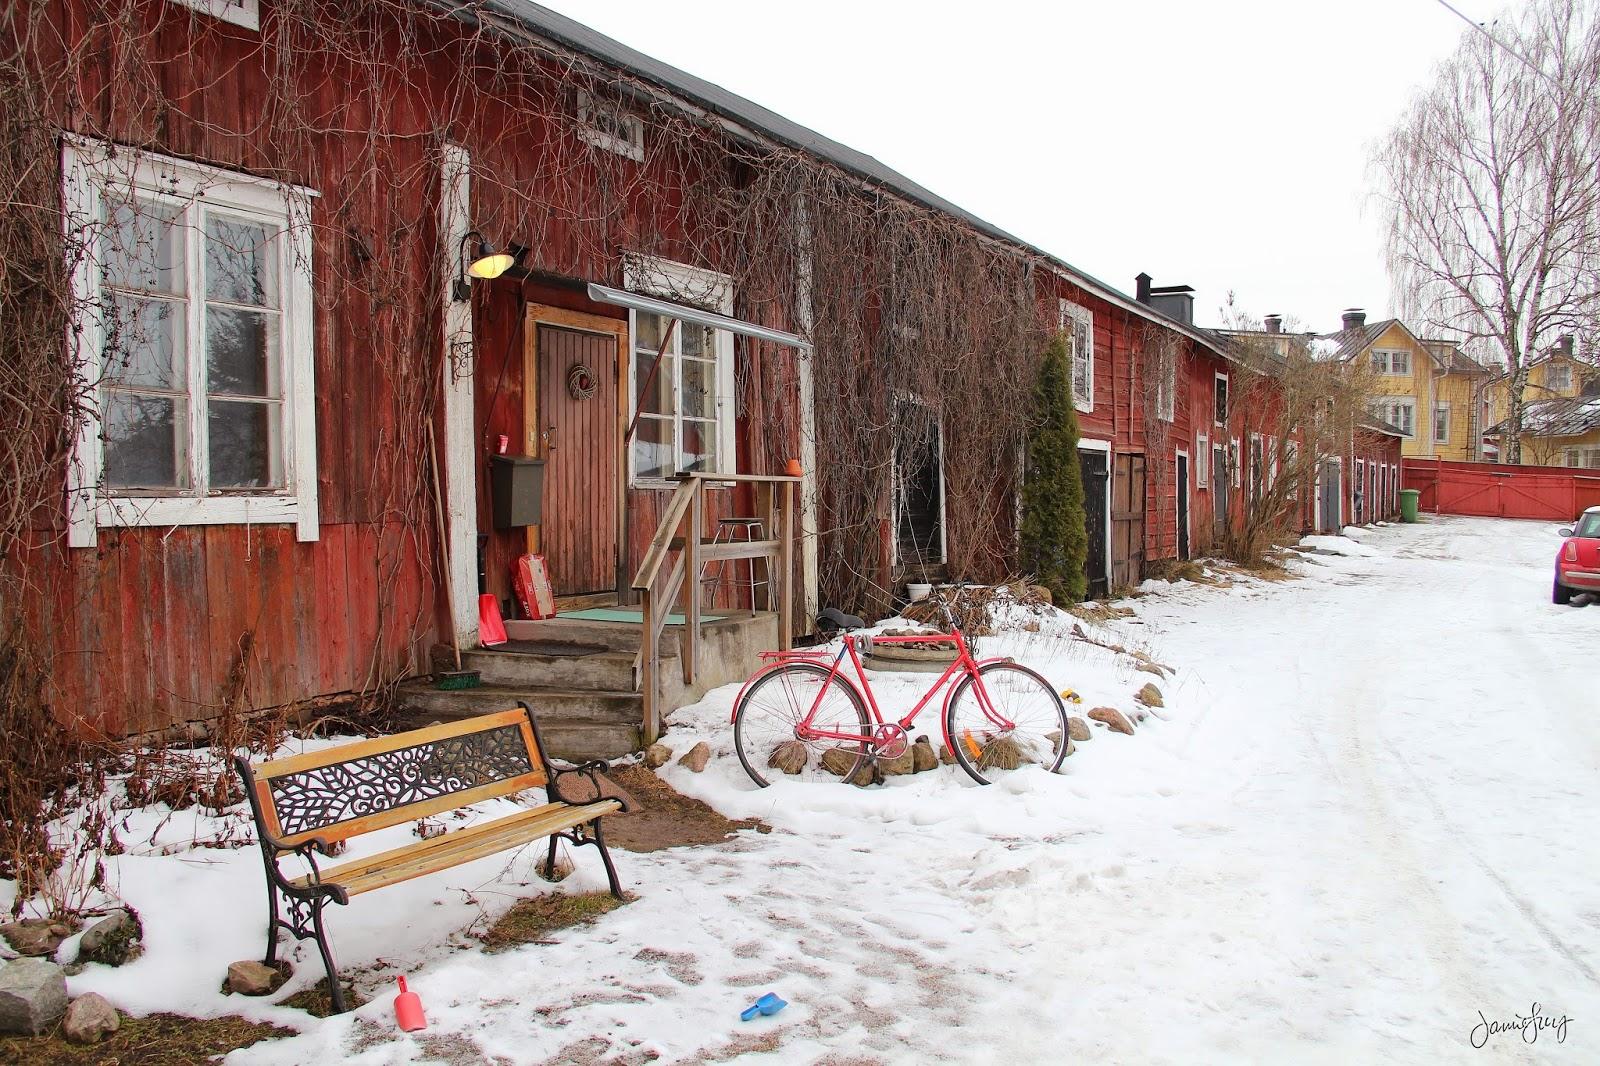 Winter Backyard in Porvoo, Finland